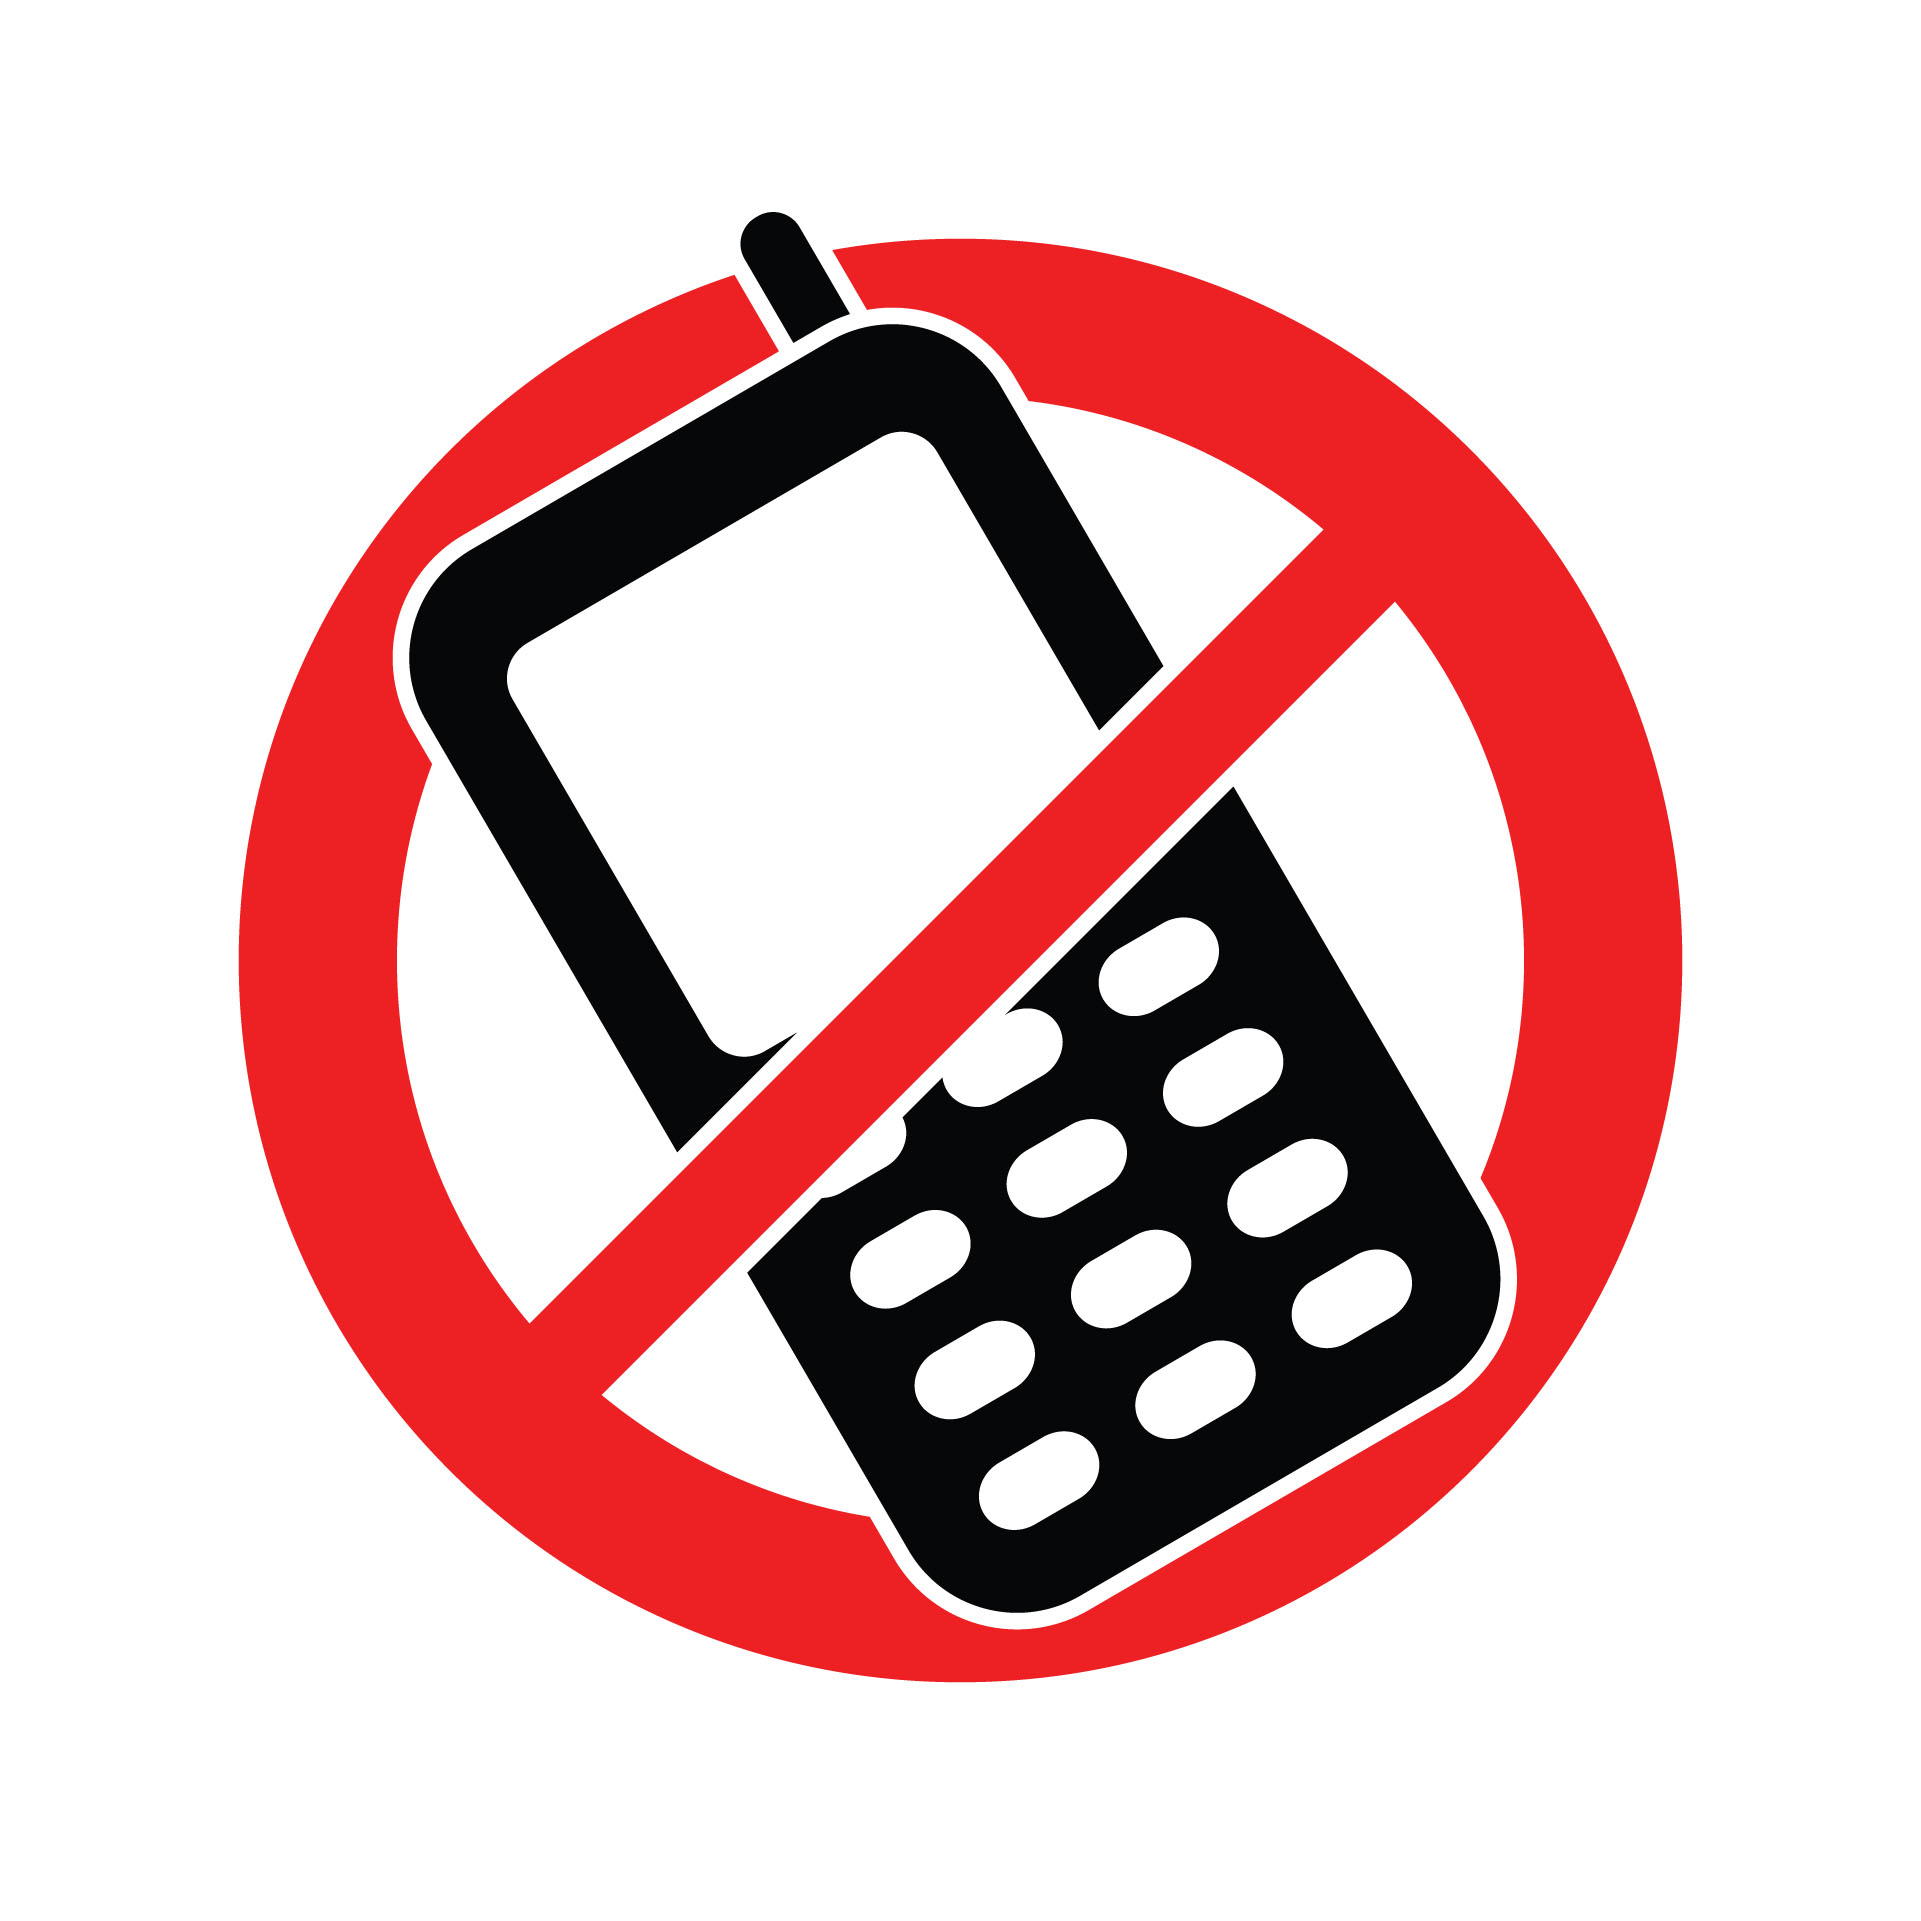 21 juin 2019 ... ... suivant nos conseils. Suspendre sa ligne; Bloquer l'usage de son téléphone;  Déclarer le sinistre à son assurance; Renouveller sa carte SIM ... Etes-vous chez  Orange, SFR, Sosh, Free, RED, Bouygues Telecom ou autres ?